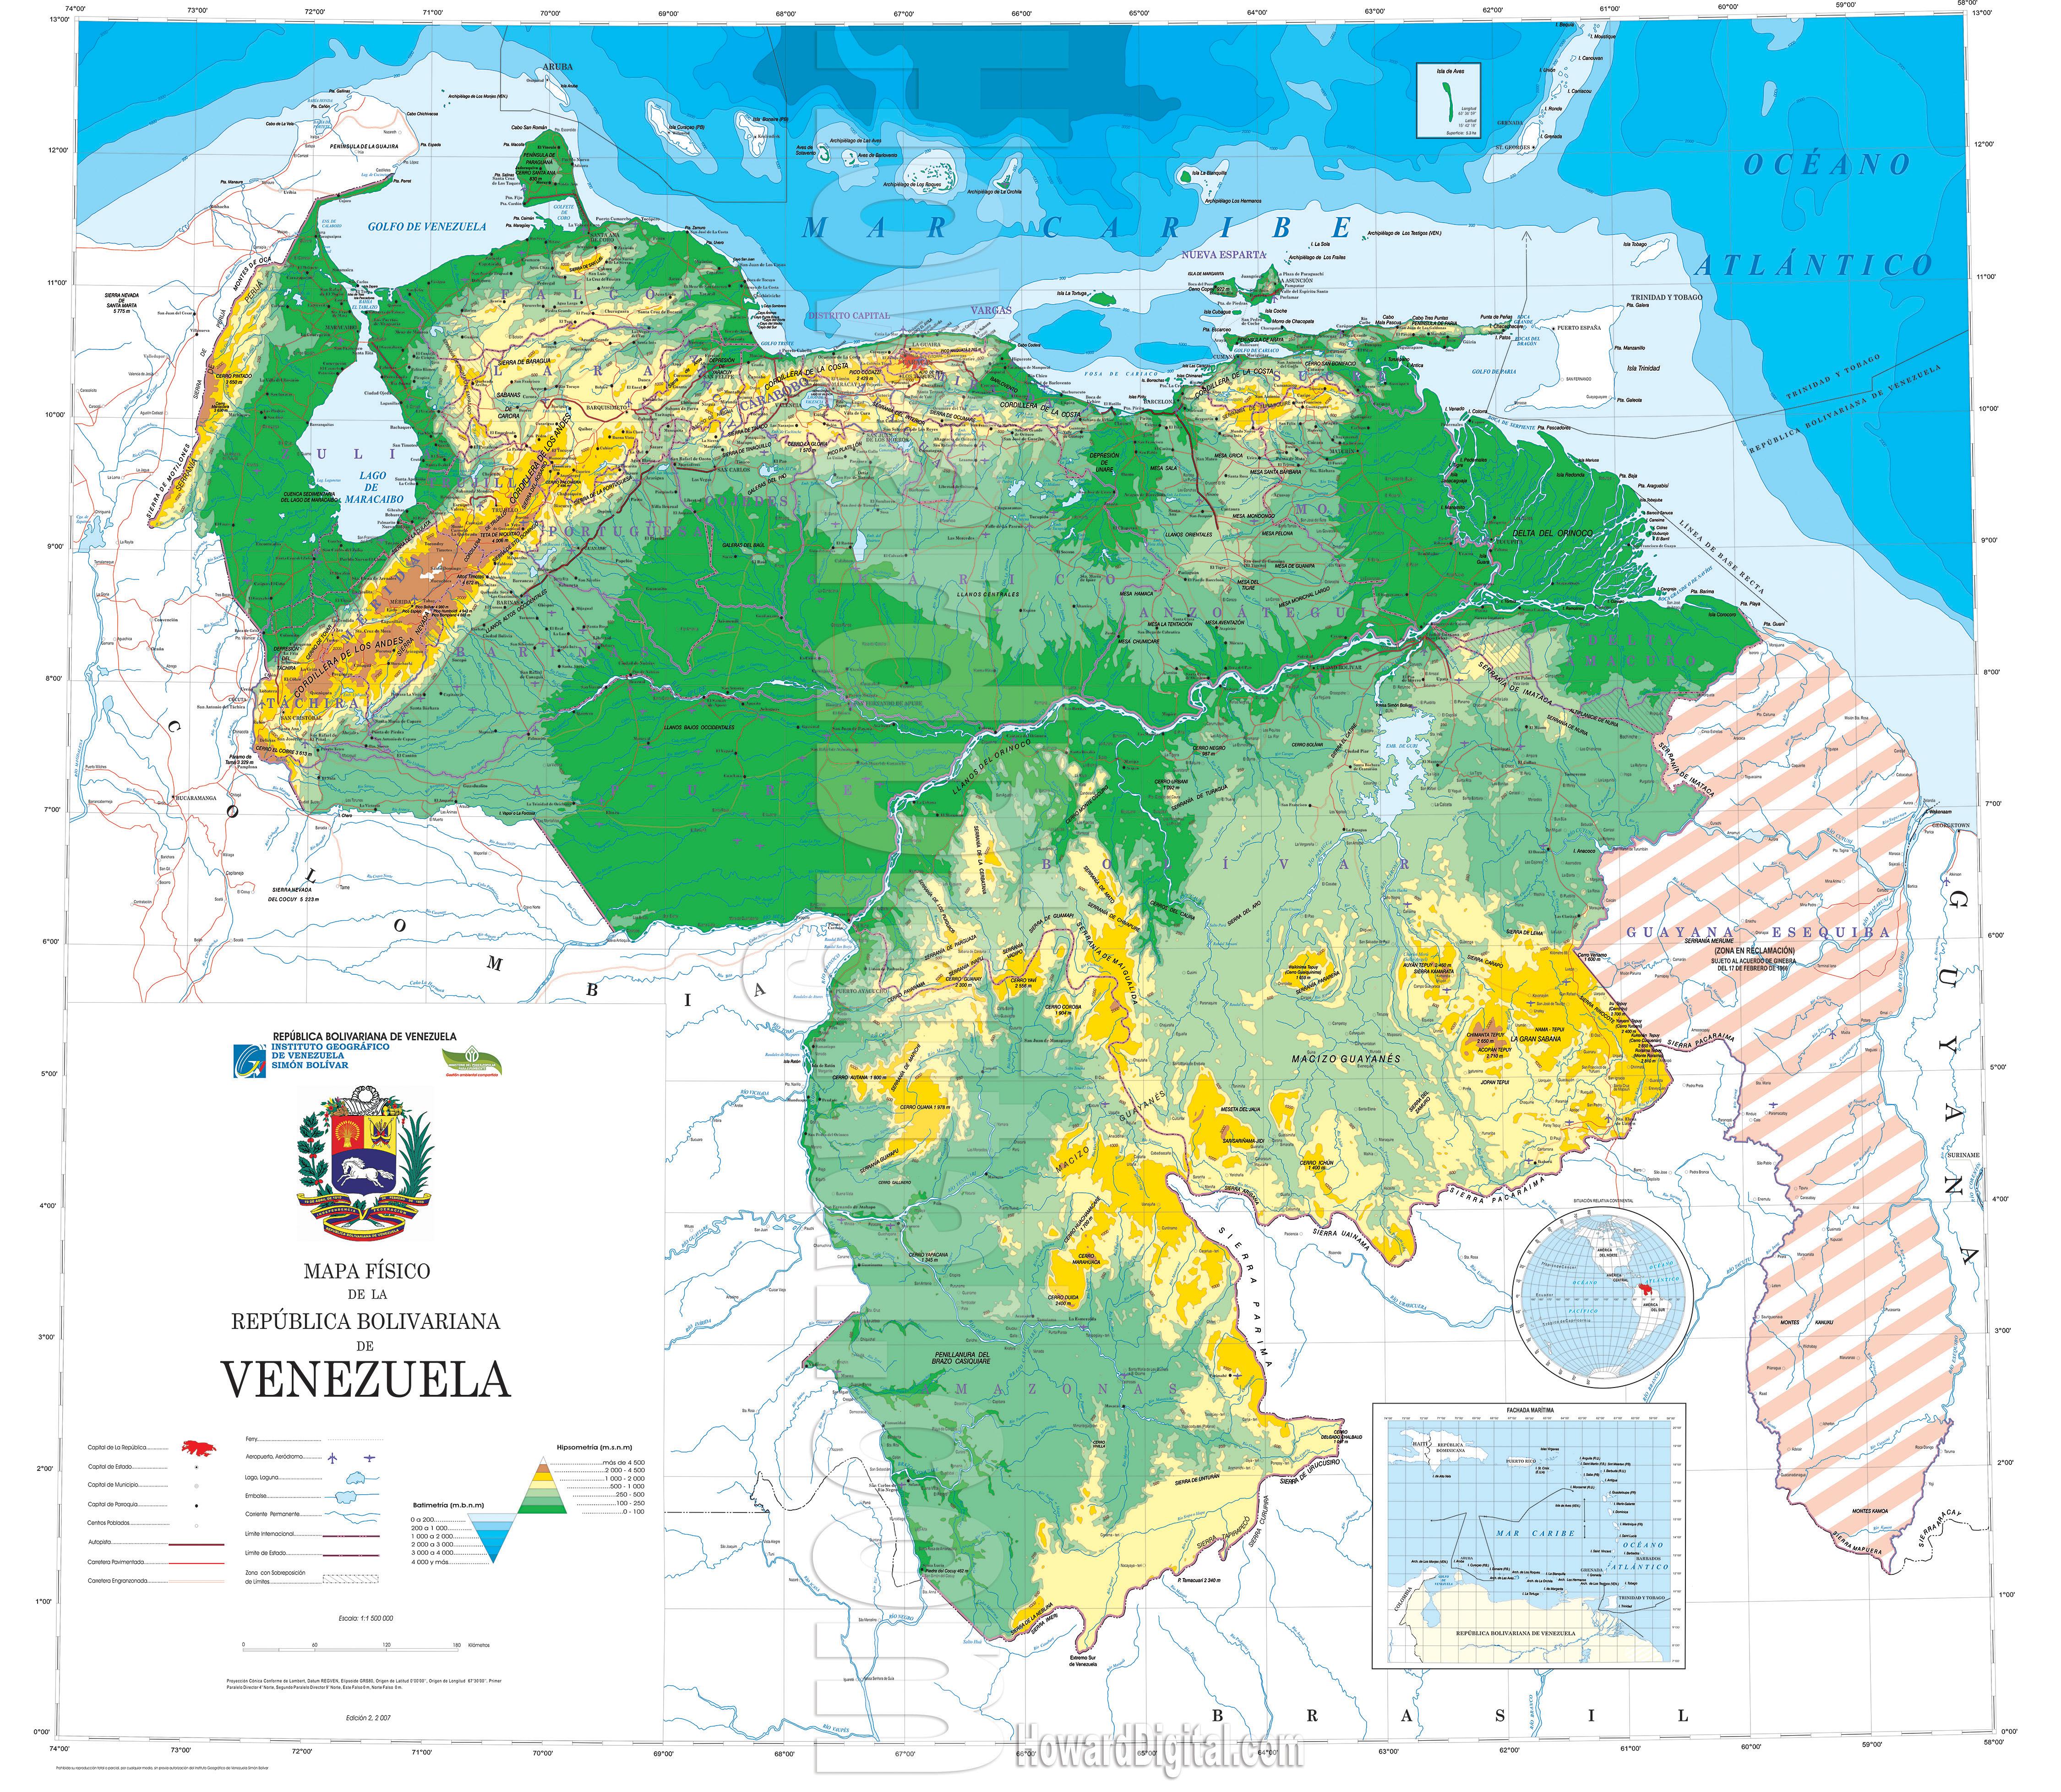 Venezuela Topographic Map.Venezuela Map Venezuela Model Howard Models